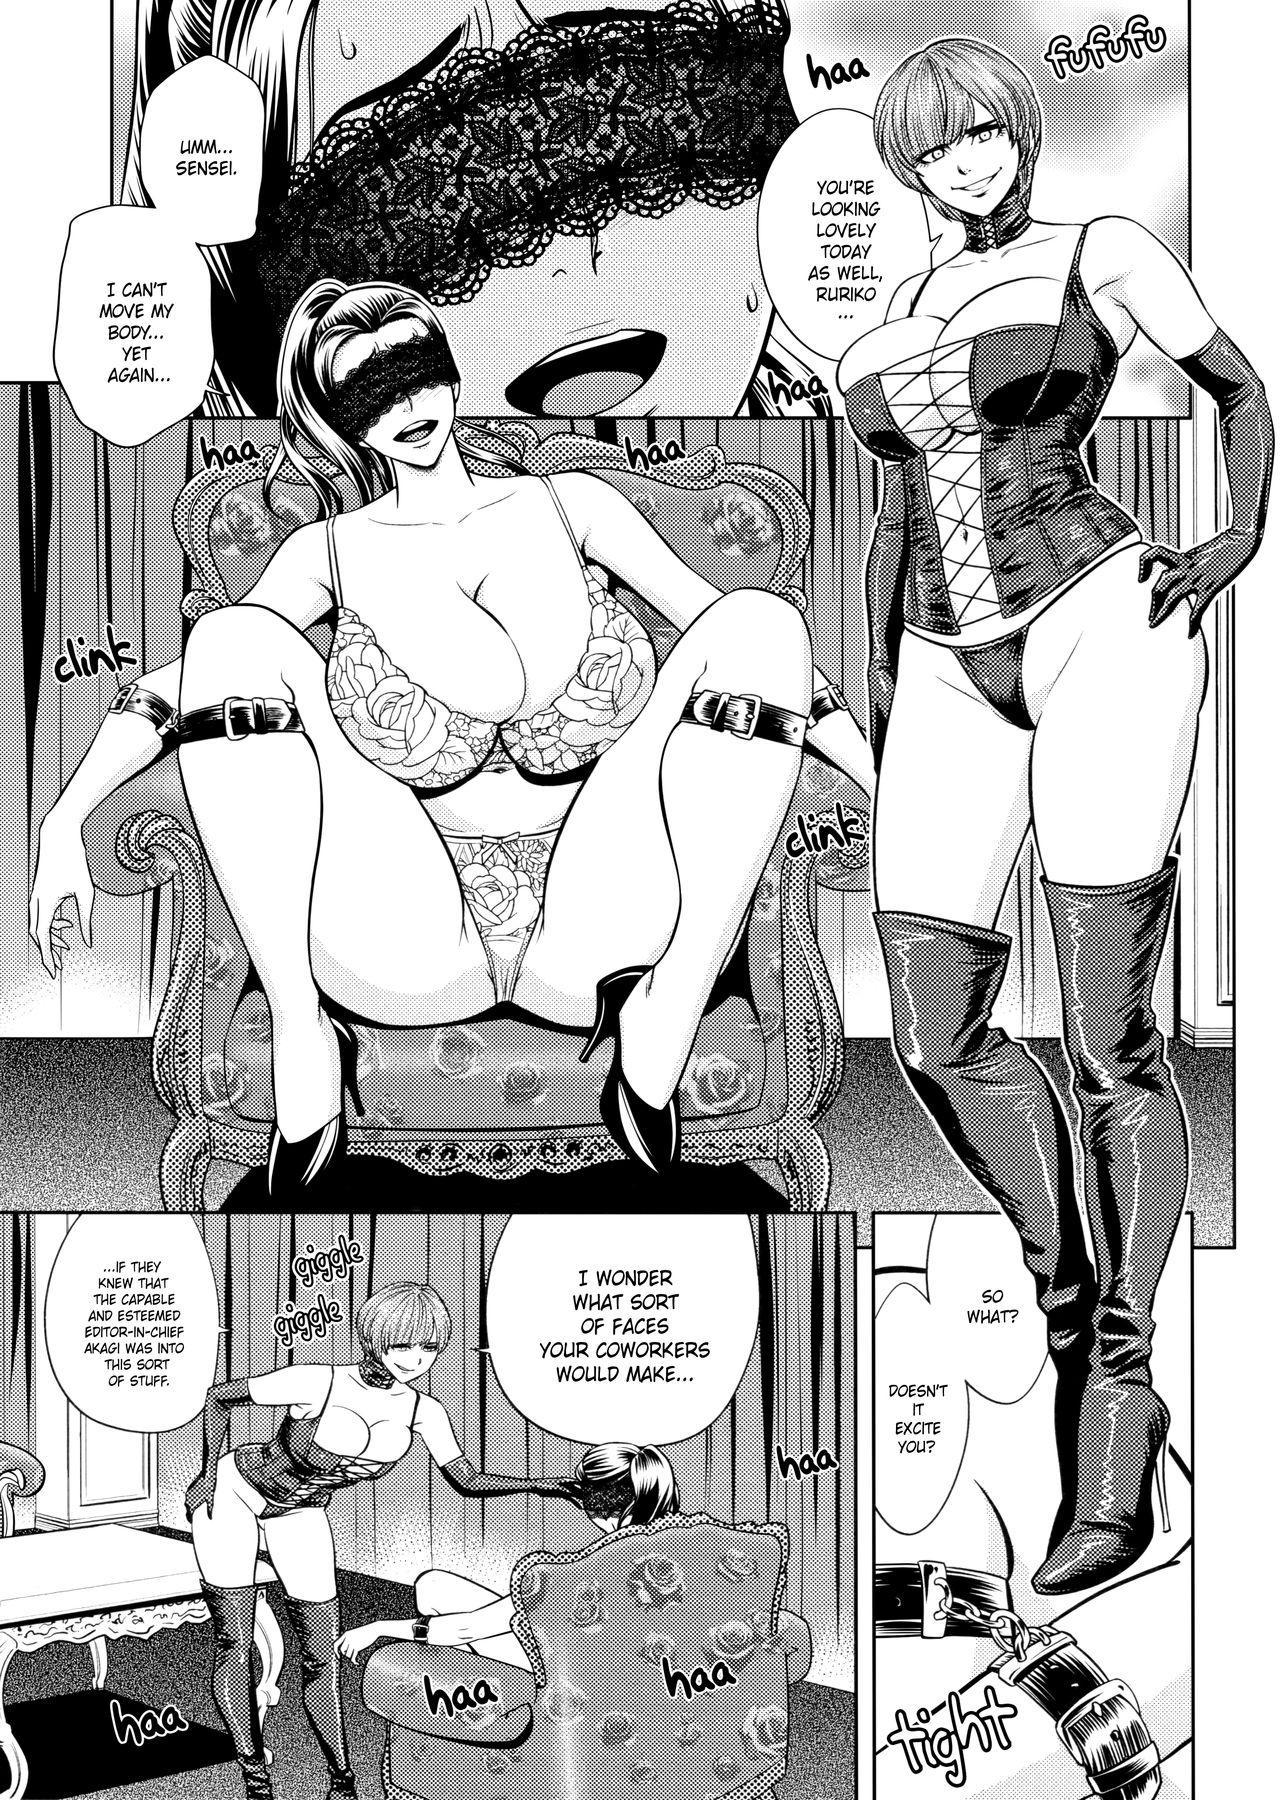 [Tatsunami Youtoku, Yamasaki Masato] Bijin Henshuu-chou no Himitsu | Beautiful Editor-in-Chief's Secret Ch. 1-8 [English] [Forbiddenfetish77, Red Vodka, Crystalium, CEDR777] [Decensored] 136